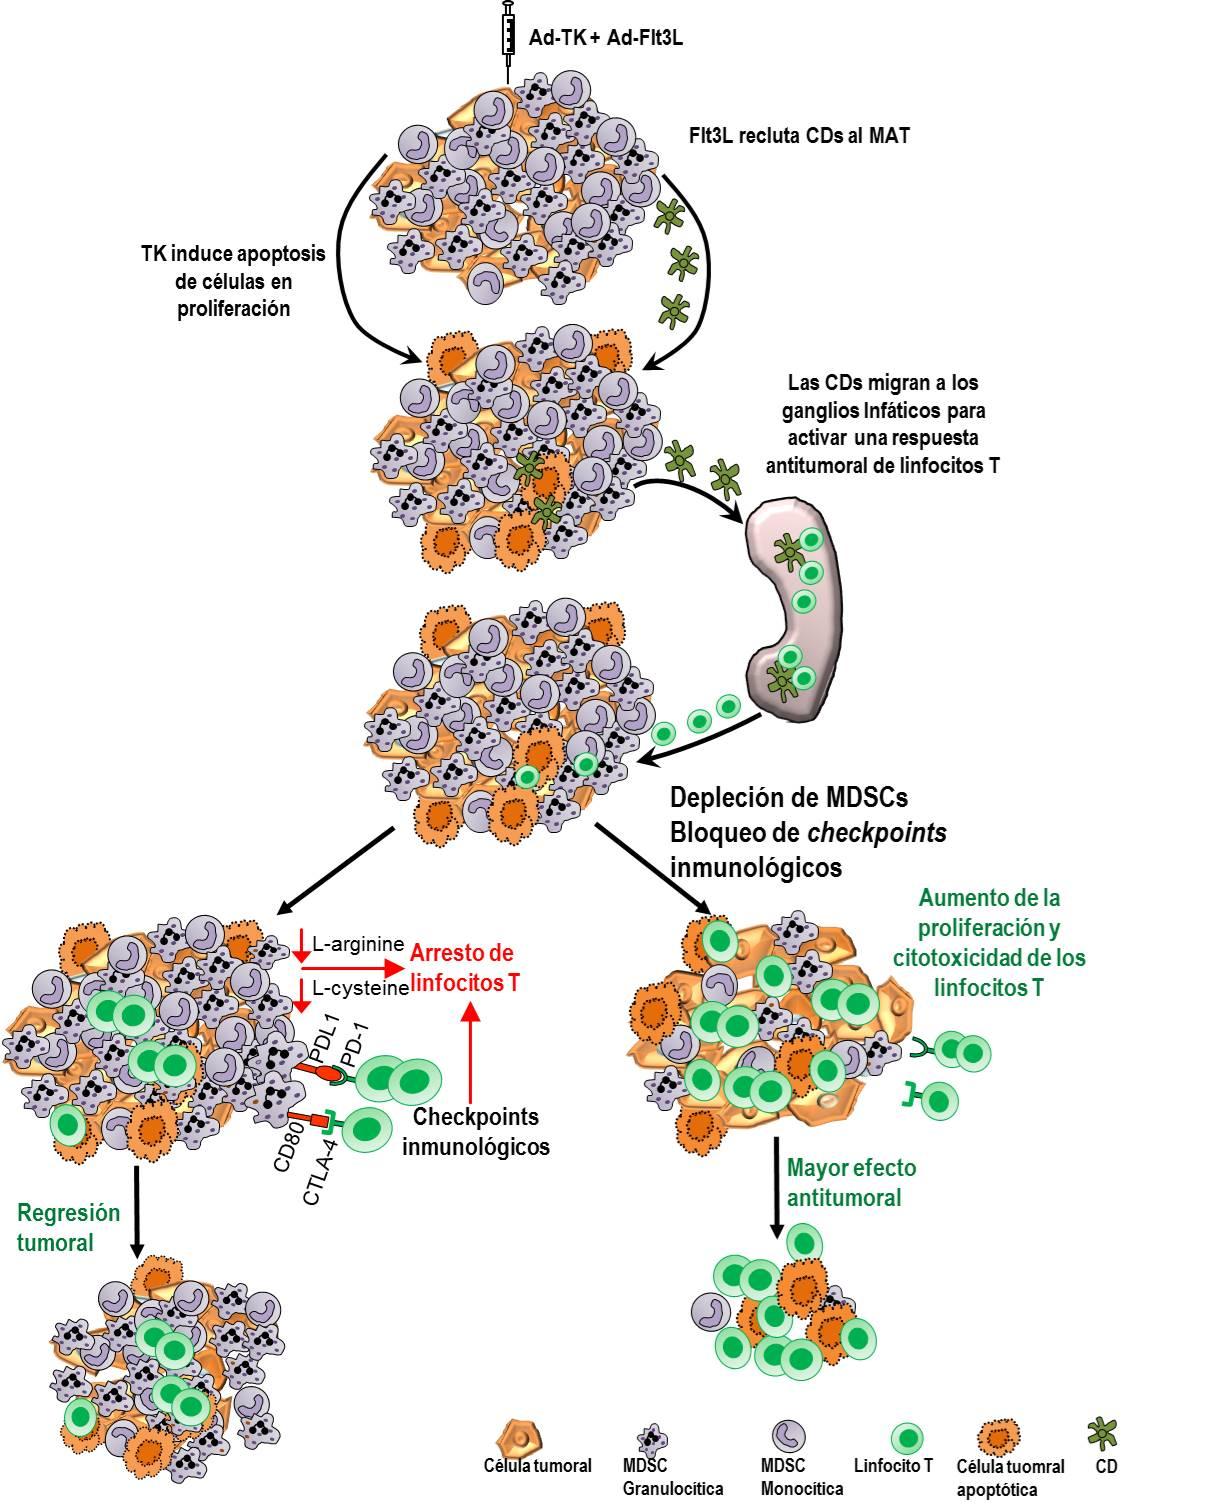 Células mieloides supresoras. El bloqueo de la inmunosupresión mediada por MDSCs o la inhibición de checkpoints inmunológicos aumenta la eficacia de la terapia génica inmunoestimulante con Ad.TK+Ad.Flt3L. La inyección de Ad.TK seguida de la administración de ganciclovir (GCV) induce apoptosis de células tumorales en proliferación. Las células dendríticas (CDs) son reclutadas al microambiente tumoral (MAT) en respuesta a la inyección de Ad.Flt3L. Después de captar los antígenos tumorales liberados por las células apoptóticas, las CDs los transportan a los ganglios linfáticos para activar una respuesta antitumoral de linfocitos T. Los linfocitos T activados migran al tumor y destruyen a las células tumorales remanentes. En ausencia de MDSCs inmunosupresoras y de señalización por checkpoints inmunológicos se optimiza la activación de linfocitos T citotóxicos antitumorales, mejorando la eficacia de la inmunoterapia génica, aumentando la eficacia antitumoral y la supervivencia a largo plazo.